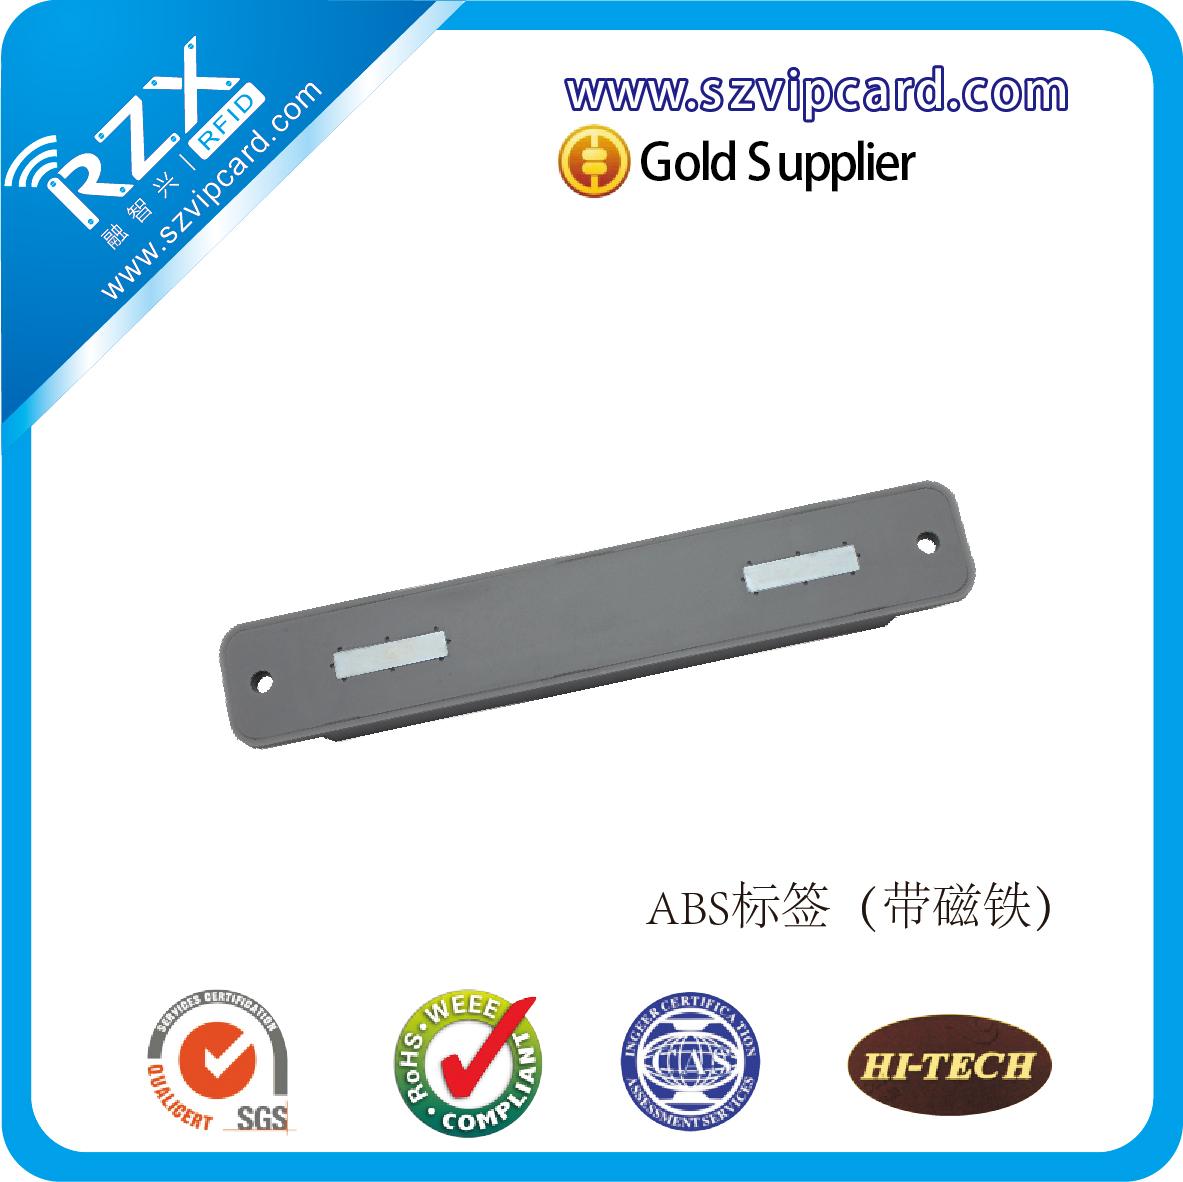 RZX-UM01-M ABS标签(带磁铁)